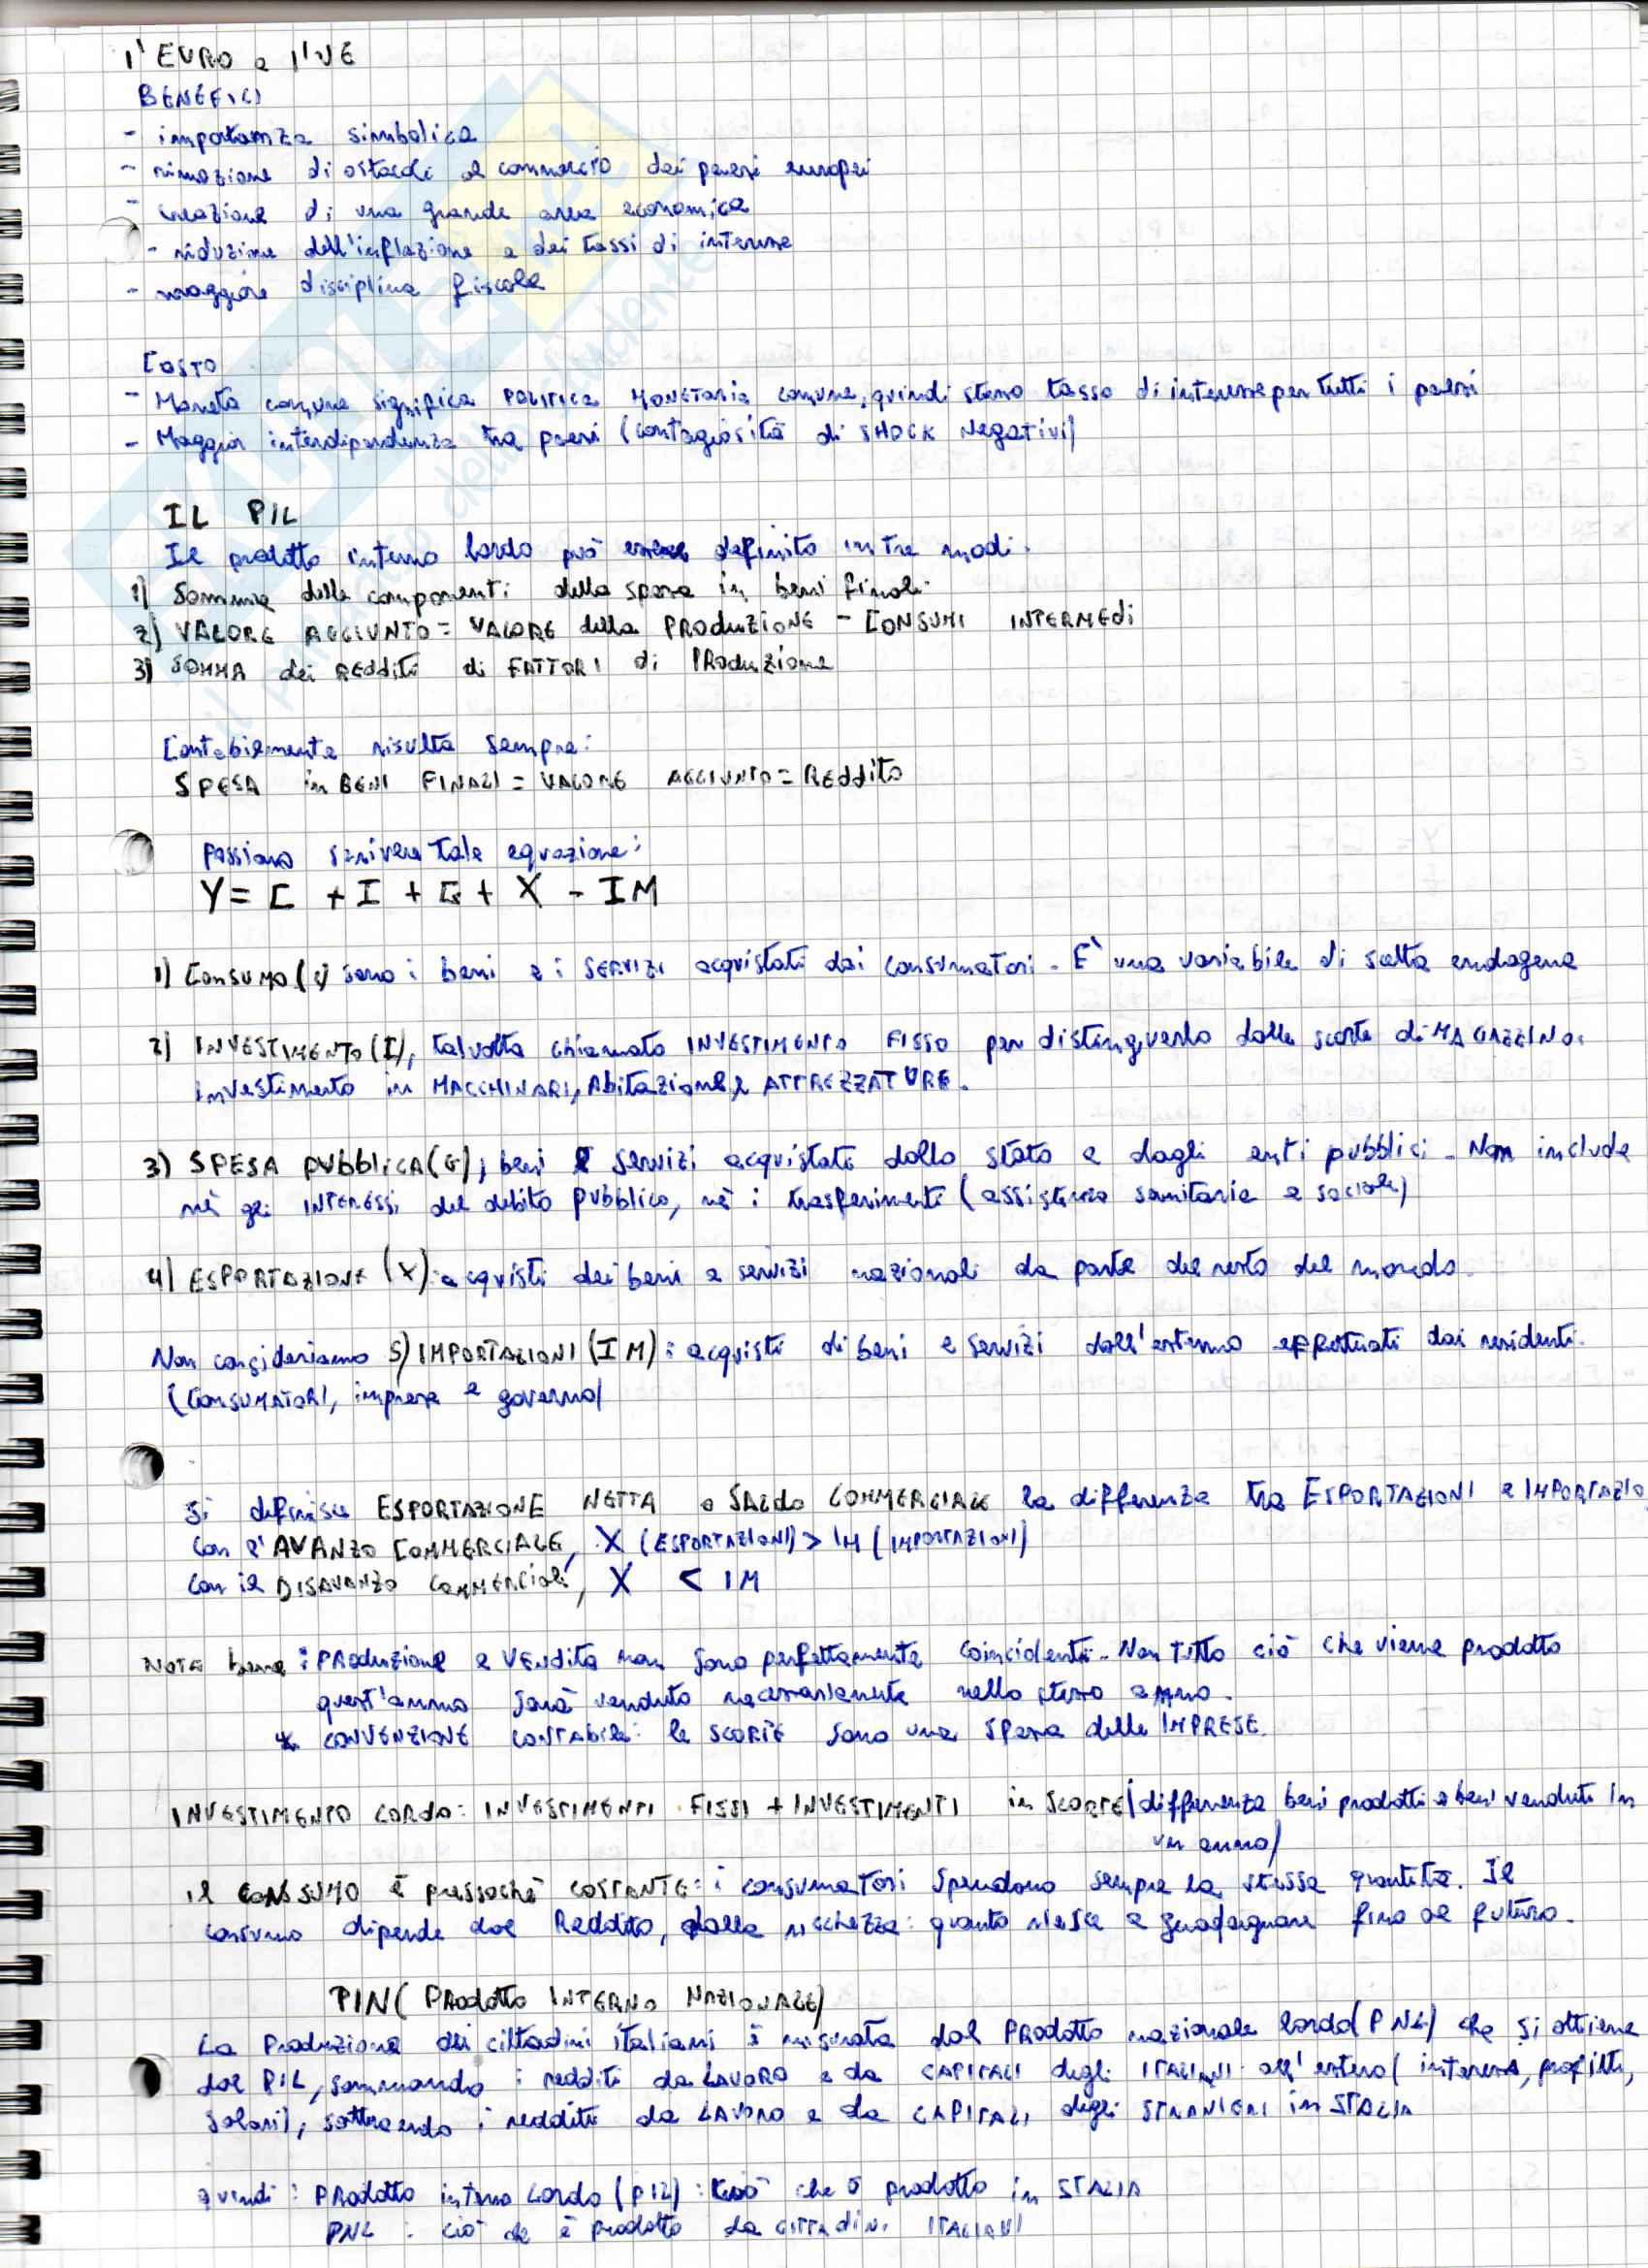 Appunti per l'esame di Macroeconomia, prof. Jappelli-Simonelli